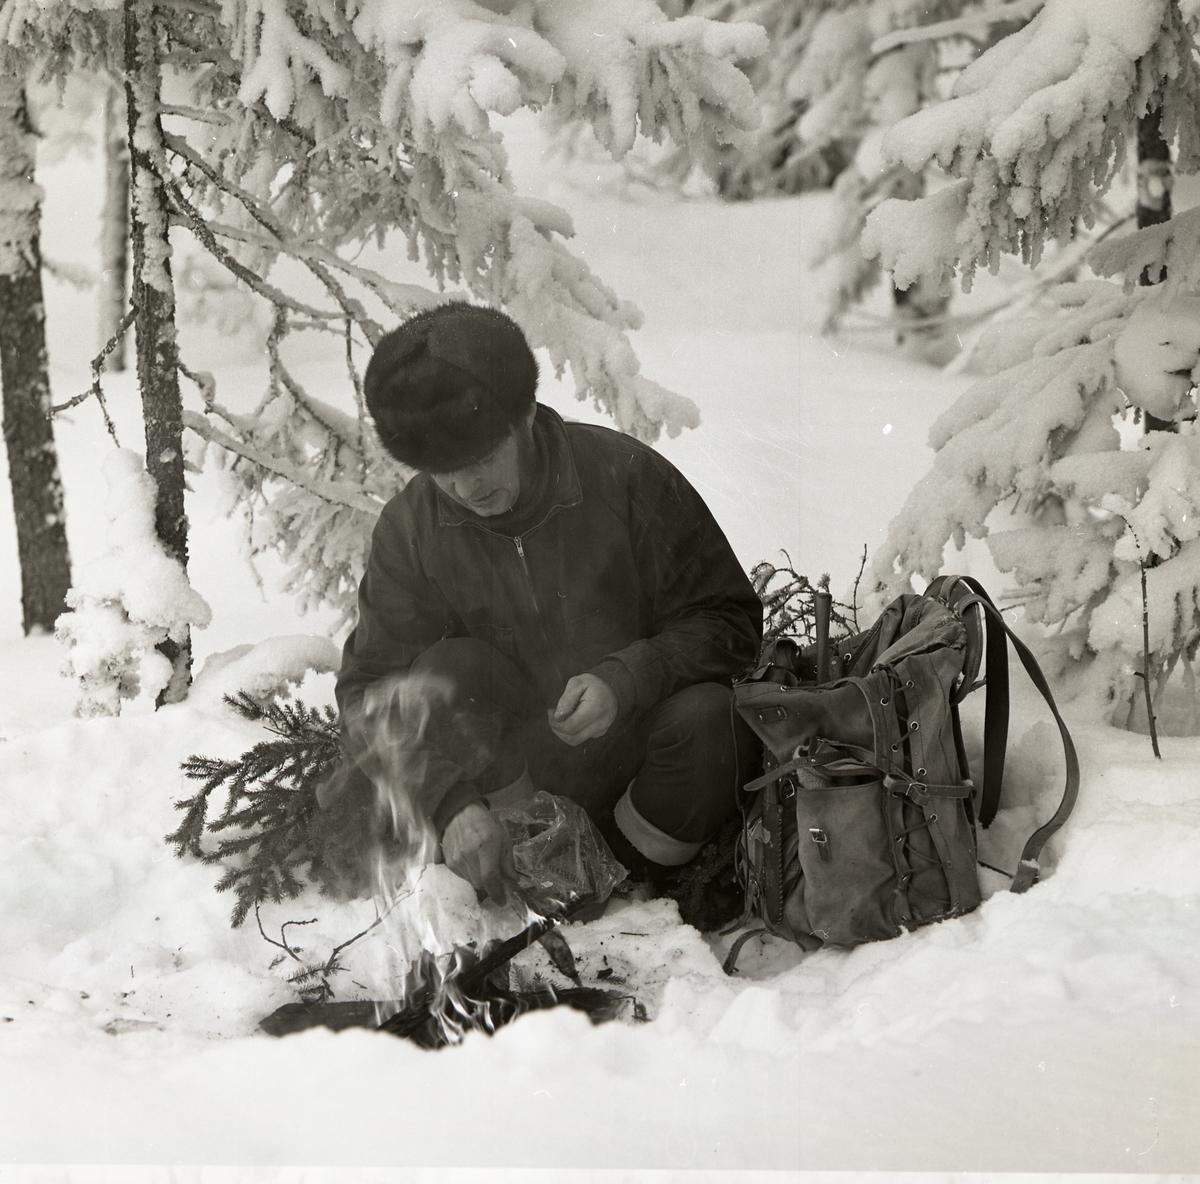 En man sitter på huk i snön och tänder en brasa den 24 februari 1970.